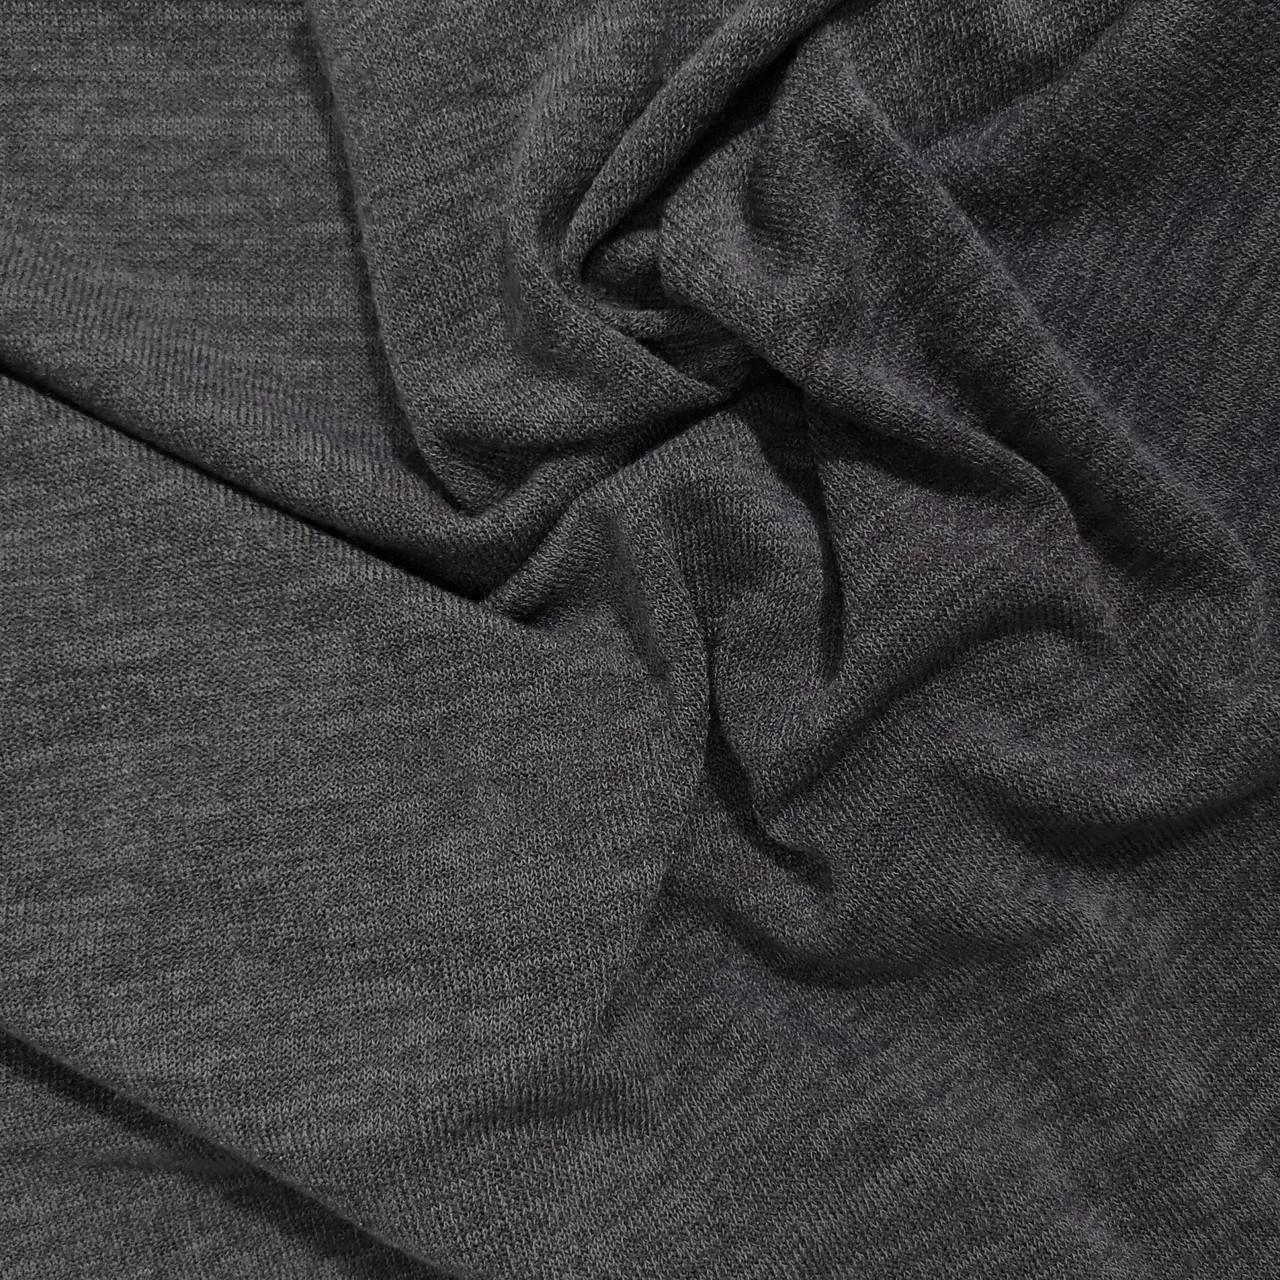 707a80a26ebd Трикотаж ангора арктика меланжевая темно-серая - Tkani-Color магазин тканей  опт и розница